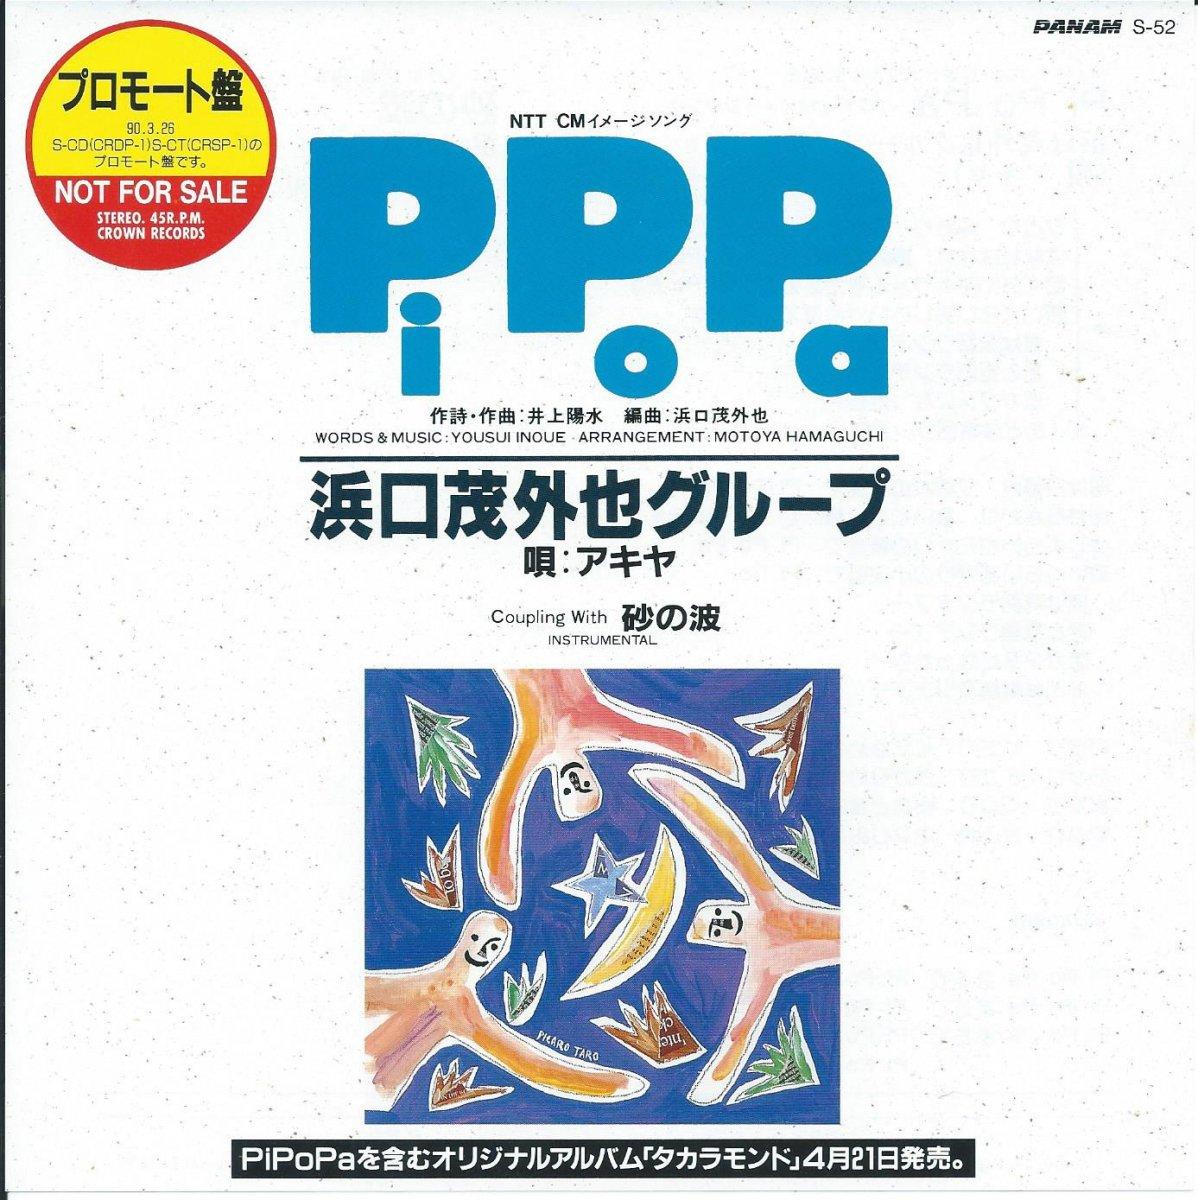 浜口茂外也グループ (唄 アキヤ) MOTOYA HAMAGUCHI GROUP / PI PO PA / 砂の波 (7